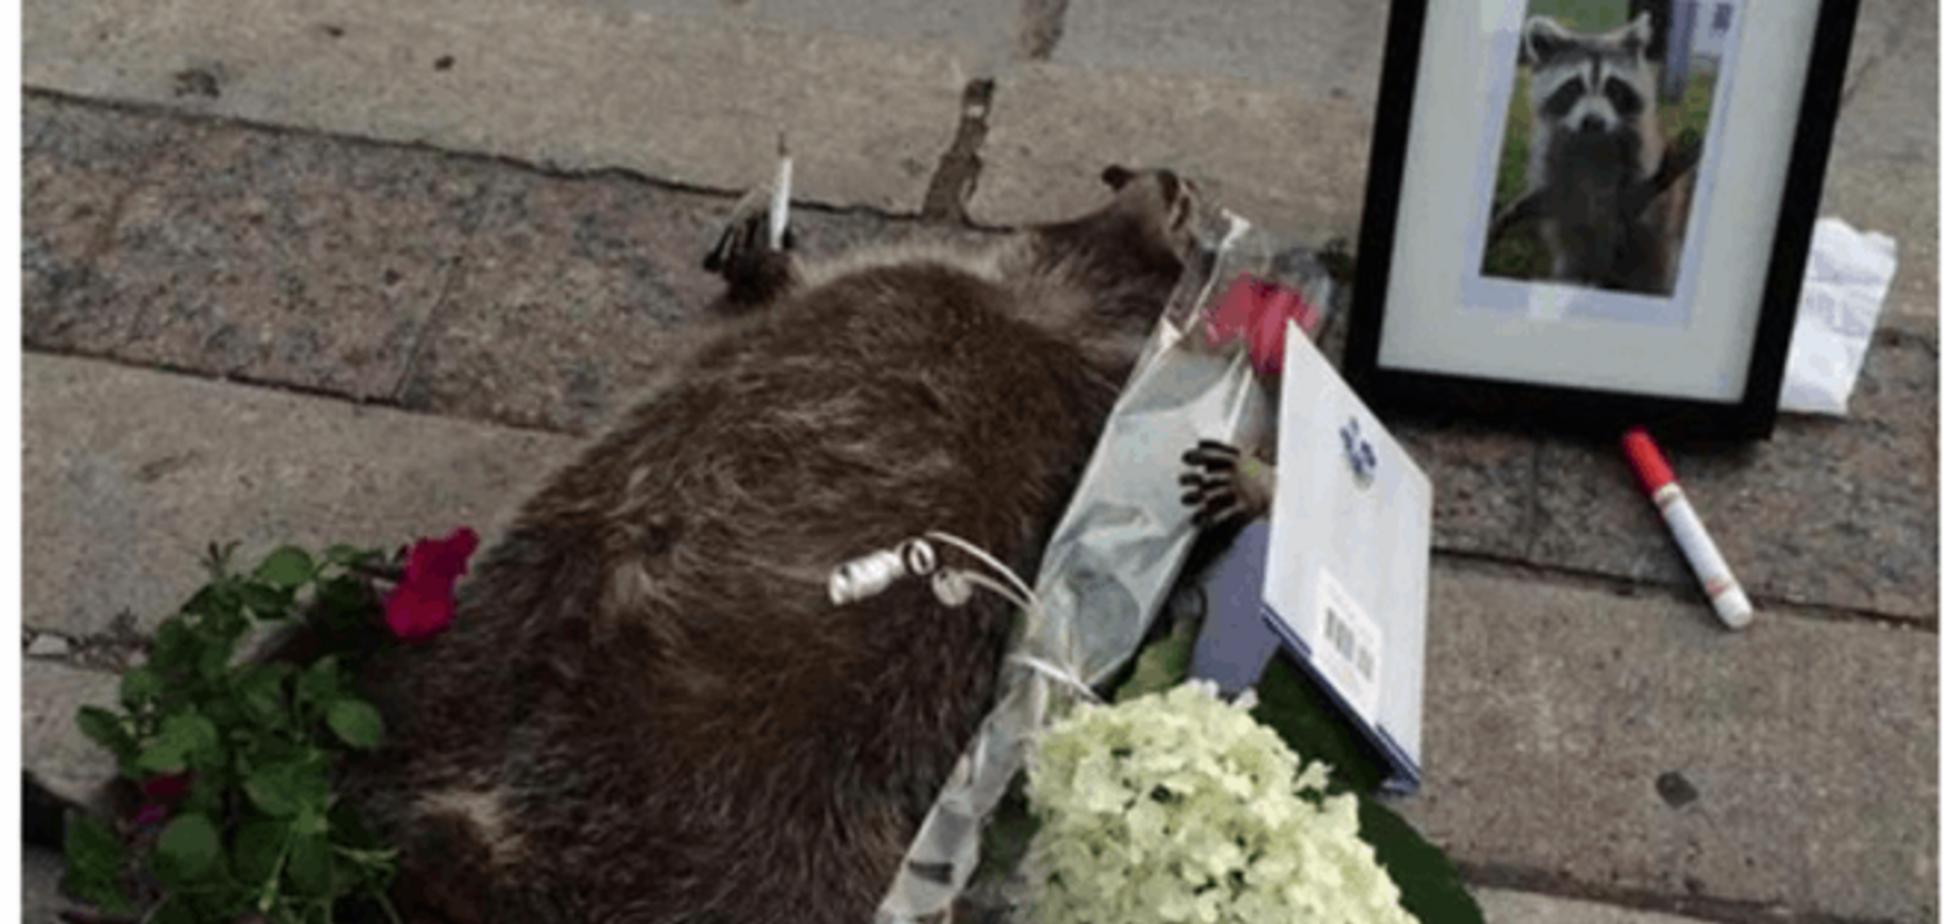 В Торонто устроили мемориал памяти умершего енота: опубликованы фото и видео